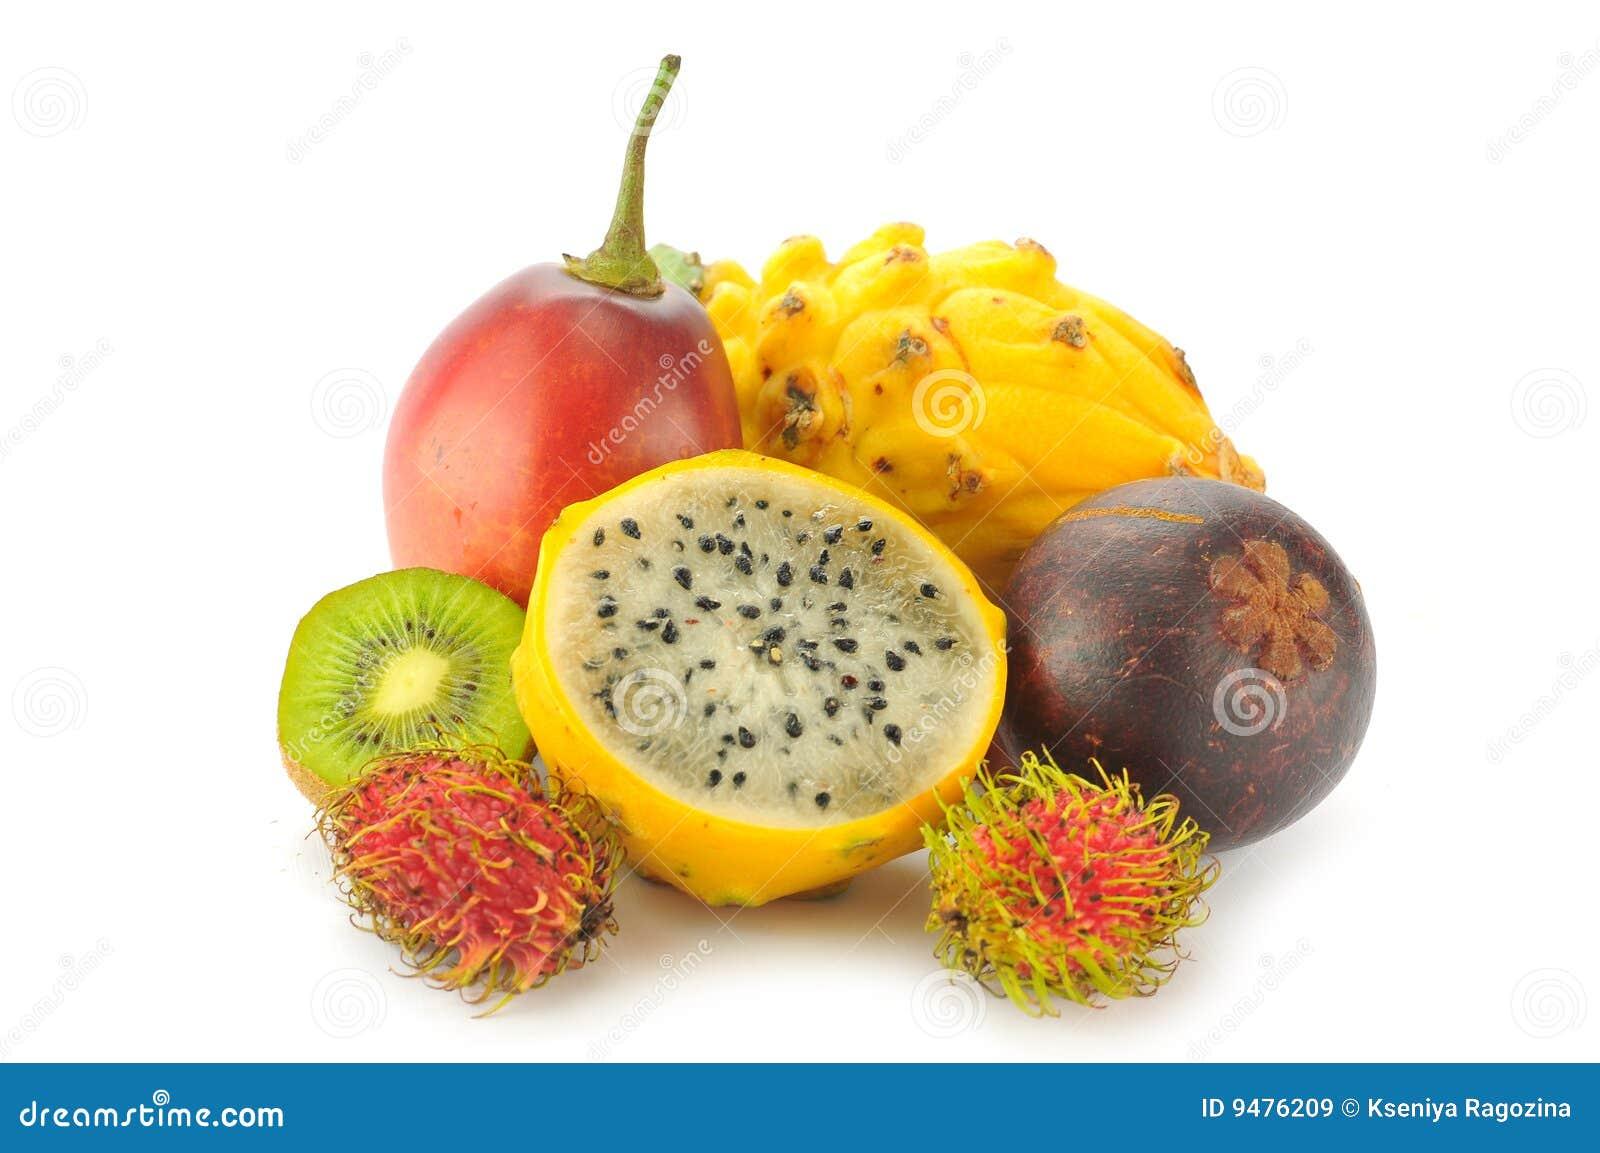 frutti tropicali immagine stock immagine di isolato